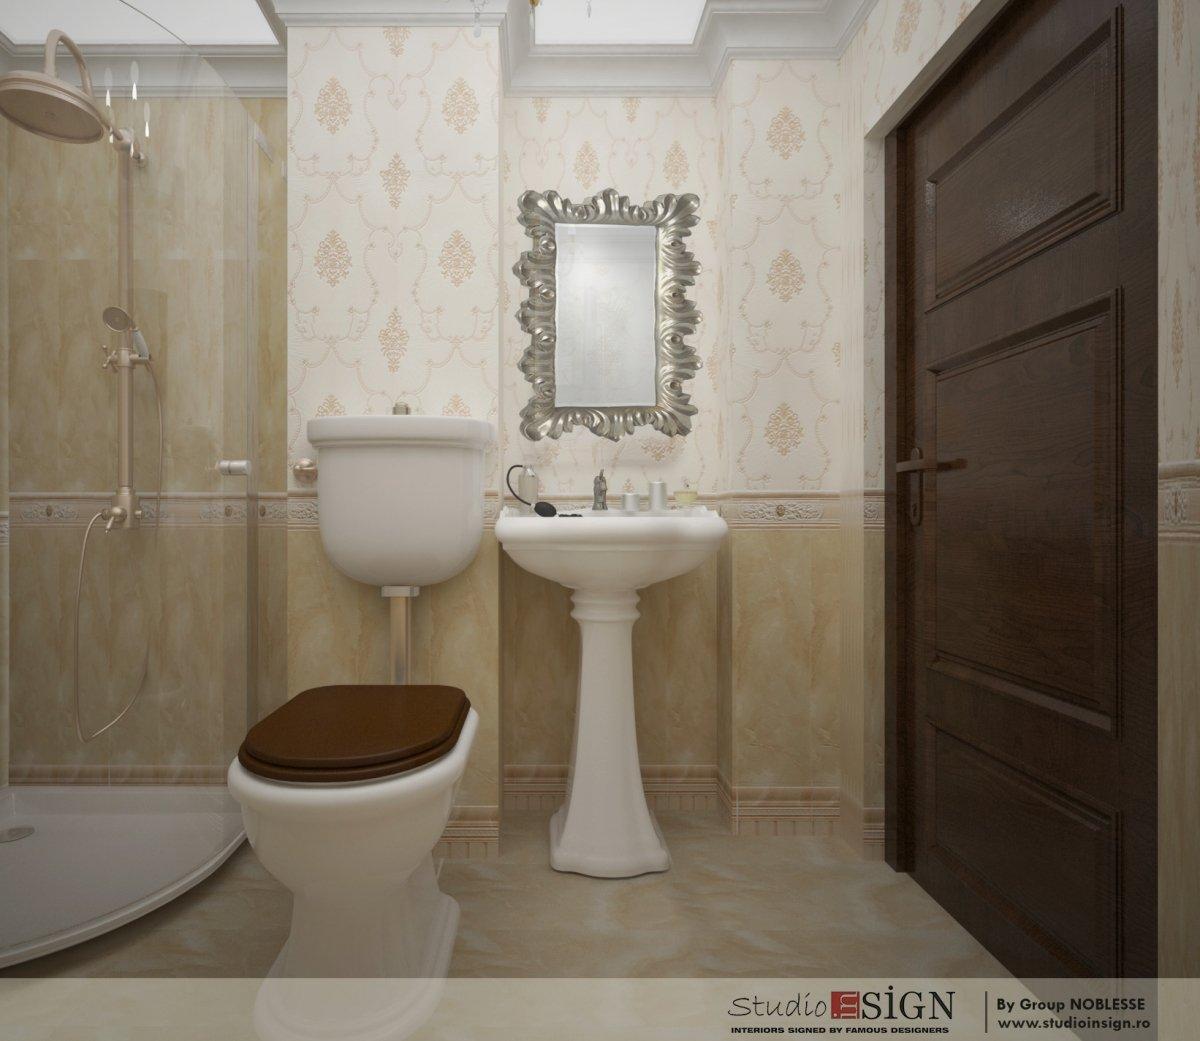 Amenajare interioara apartament clasic-12